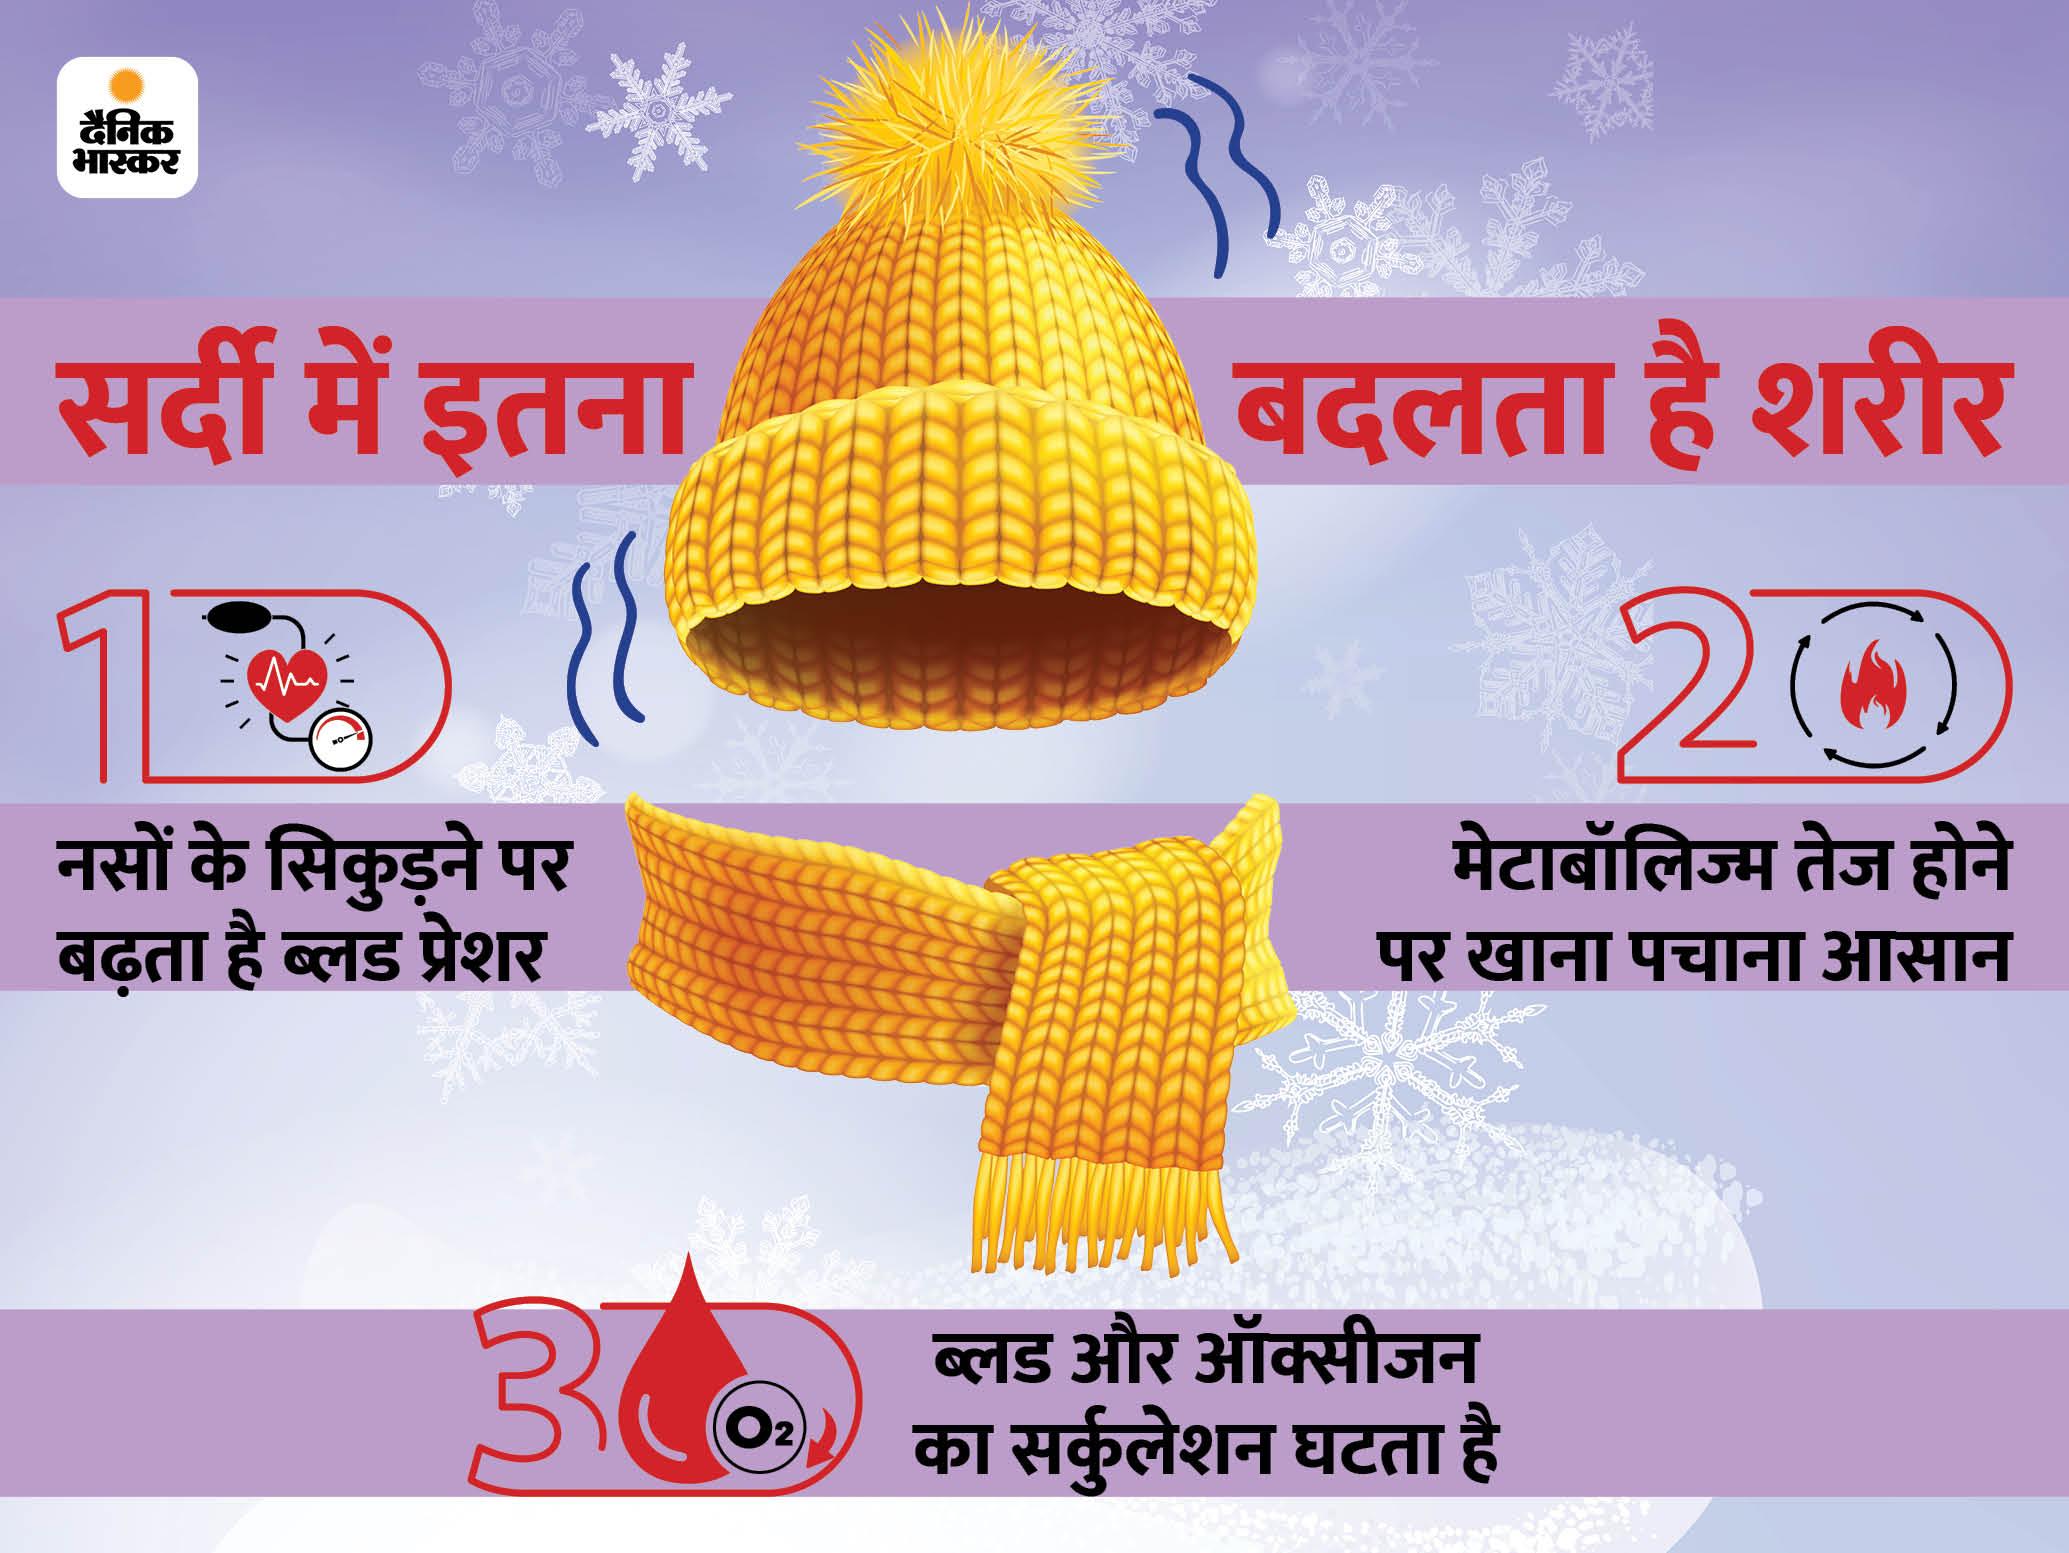 तापमान गिरने पर बढ़ता है ब्लड प्रेशर; सिरदर्द, हार्ट अटैक और वजन घटने का सर्दी से है कनेक्शन|लाइफ & साइंस,Happy Life - Dainik Bhaskar